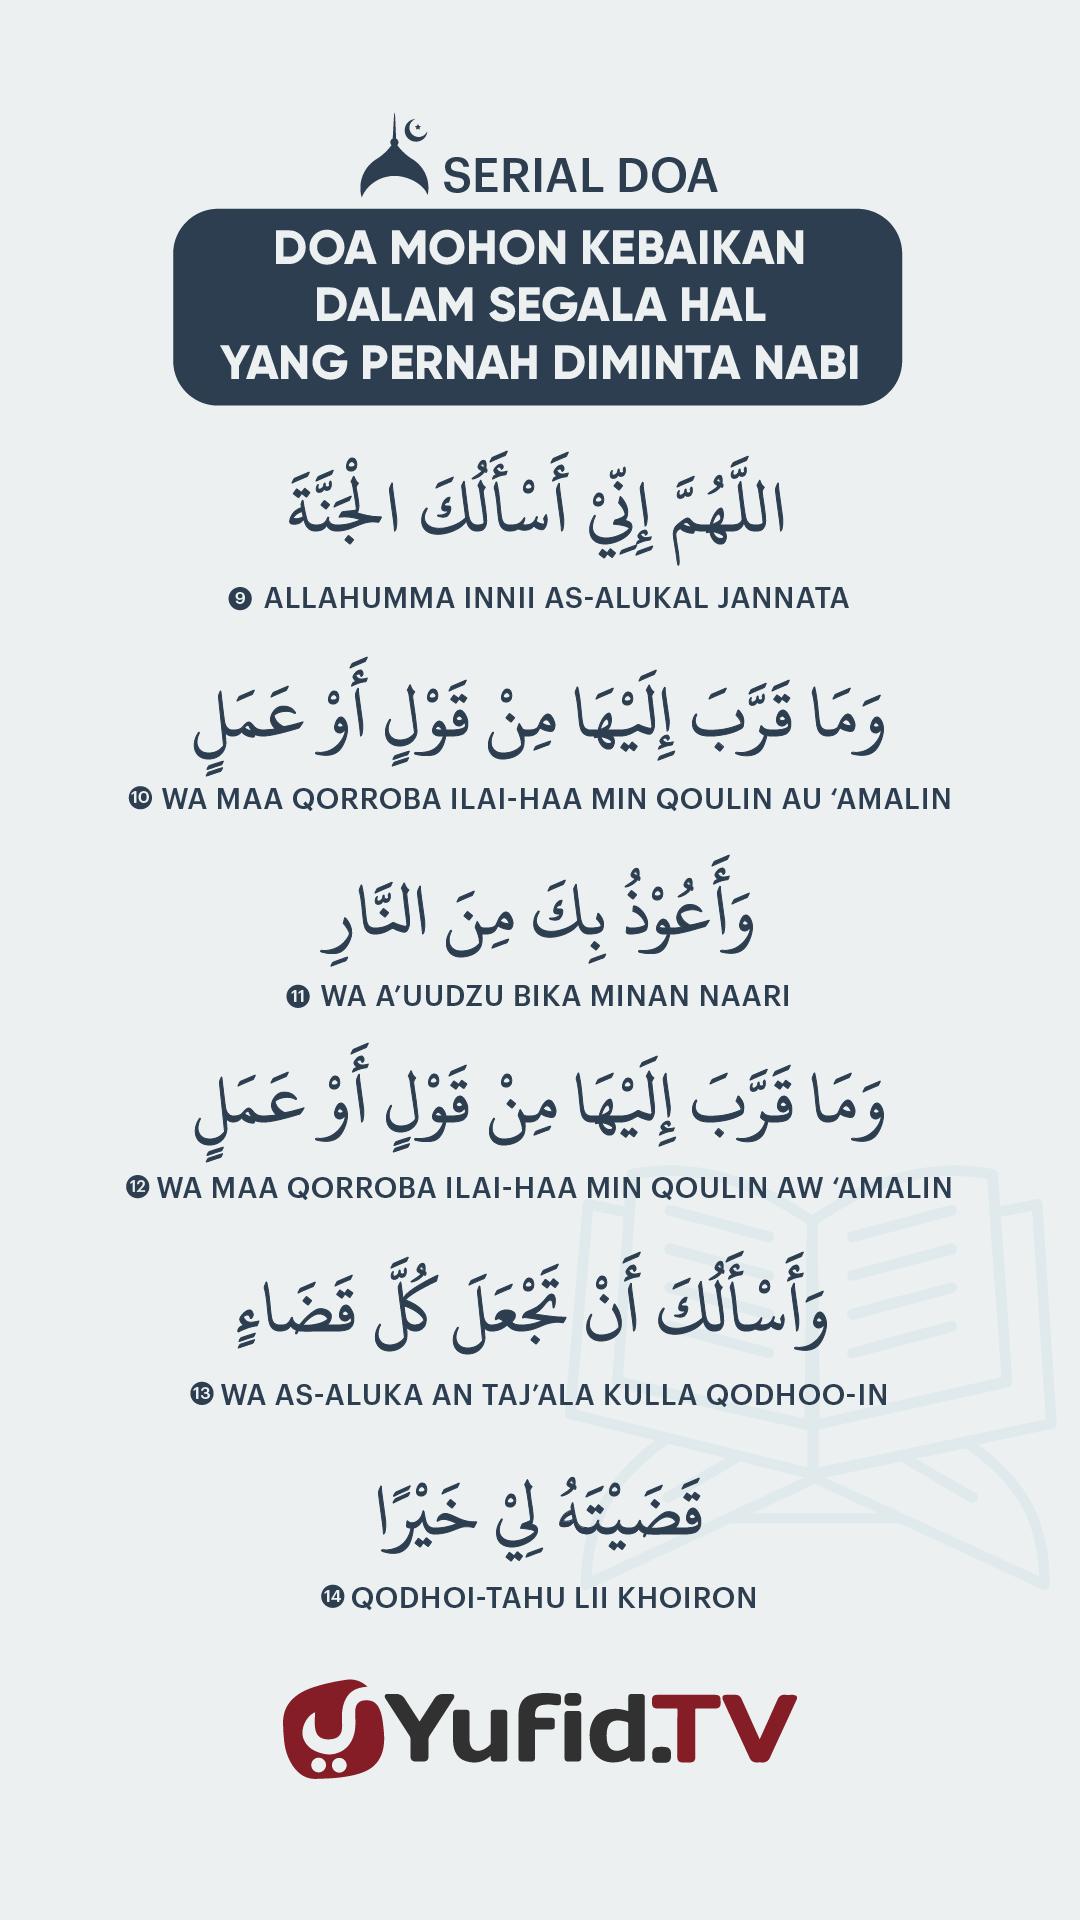 Doa Mohon Kebaikan dalam Segala Hal yang Pernah Diminta Nabi – Vertical3@72x